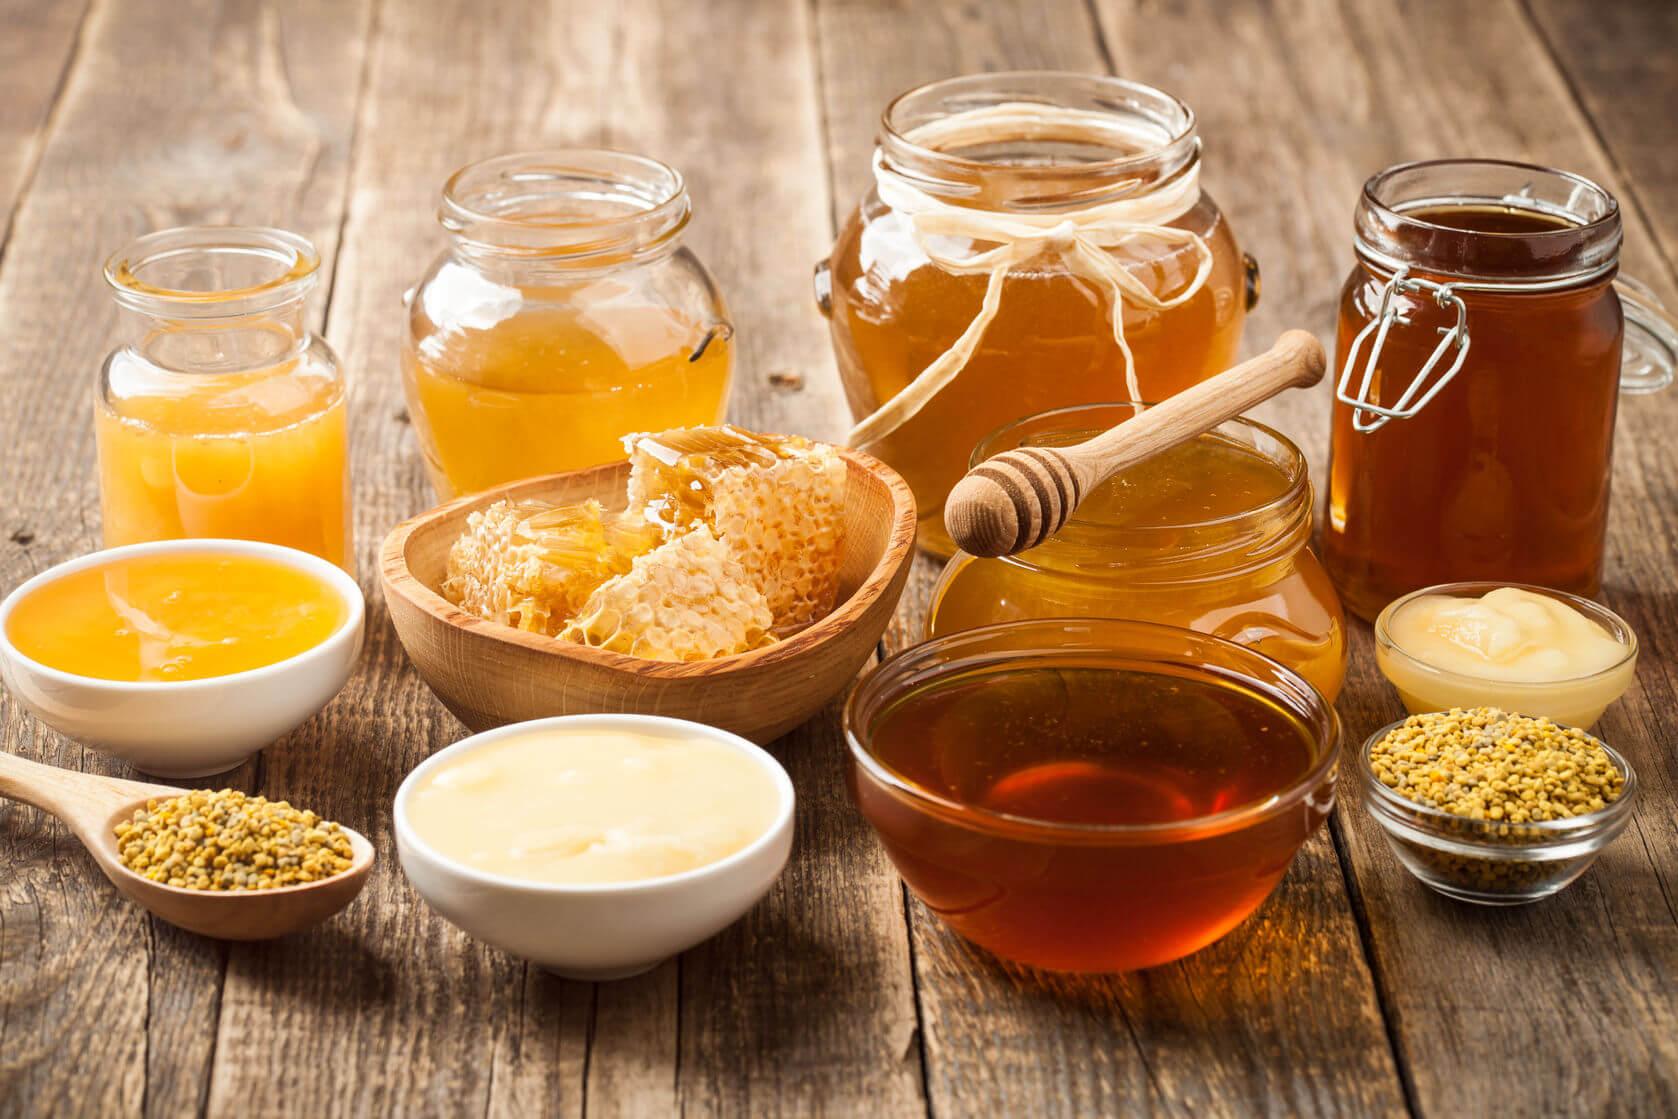 шесть разных сортов мёда